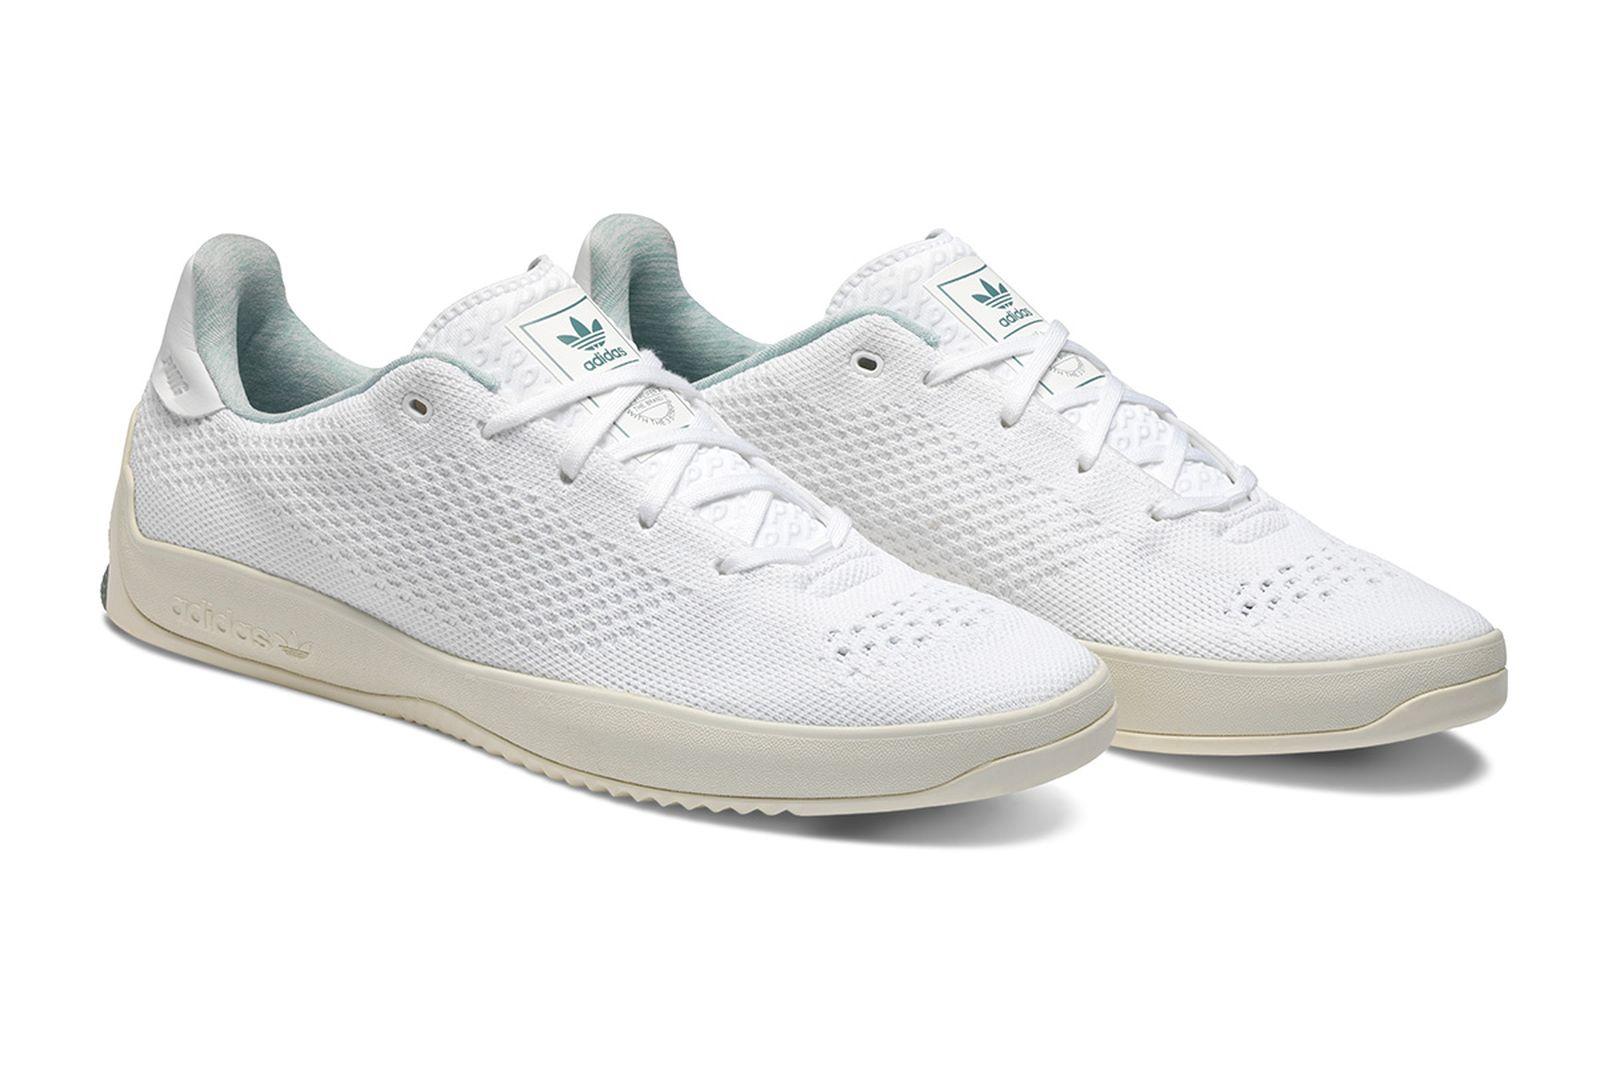 adidas-puig-pk-primeblue-release-date-price-07